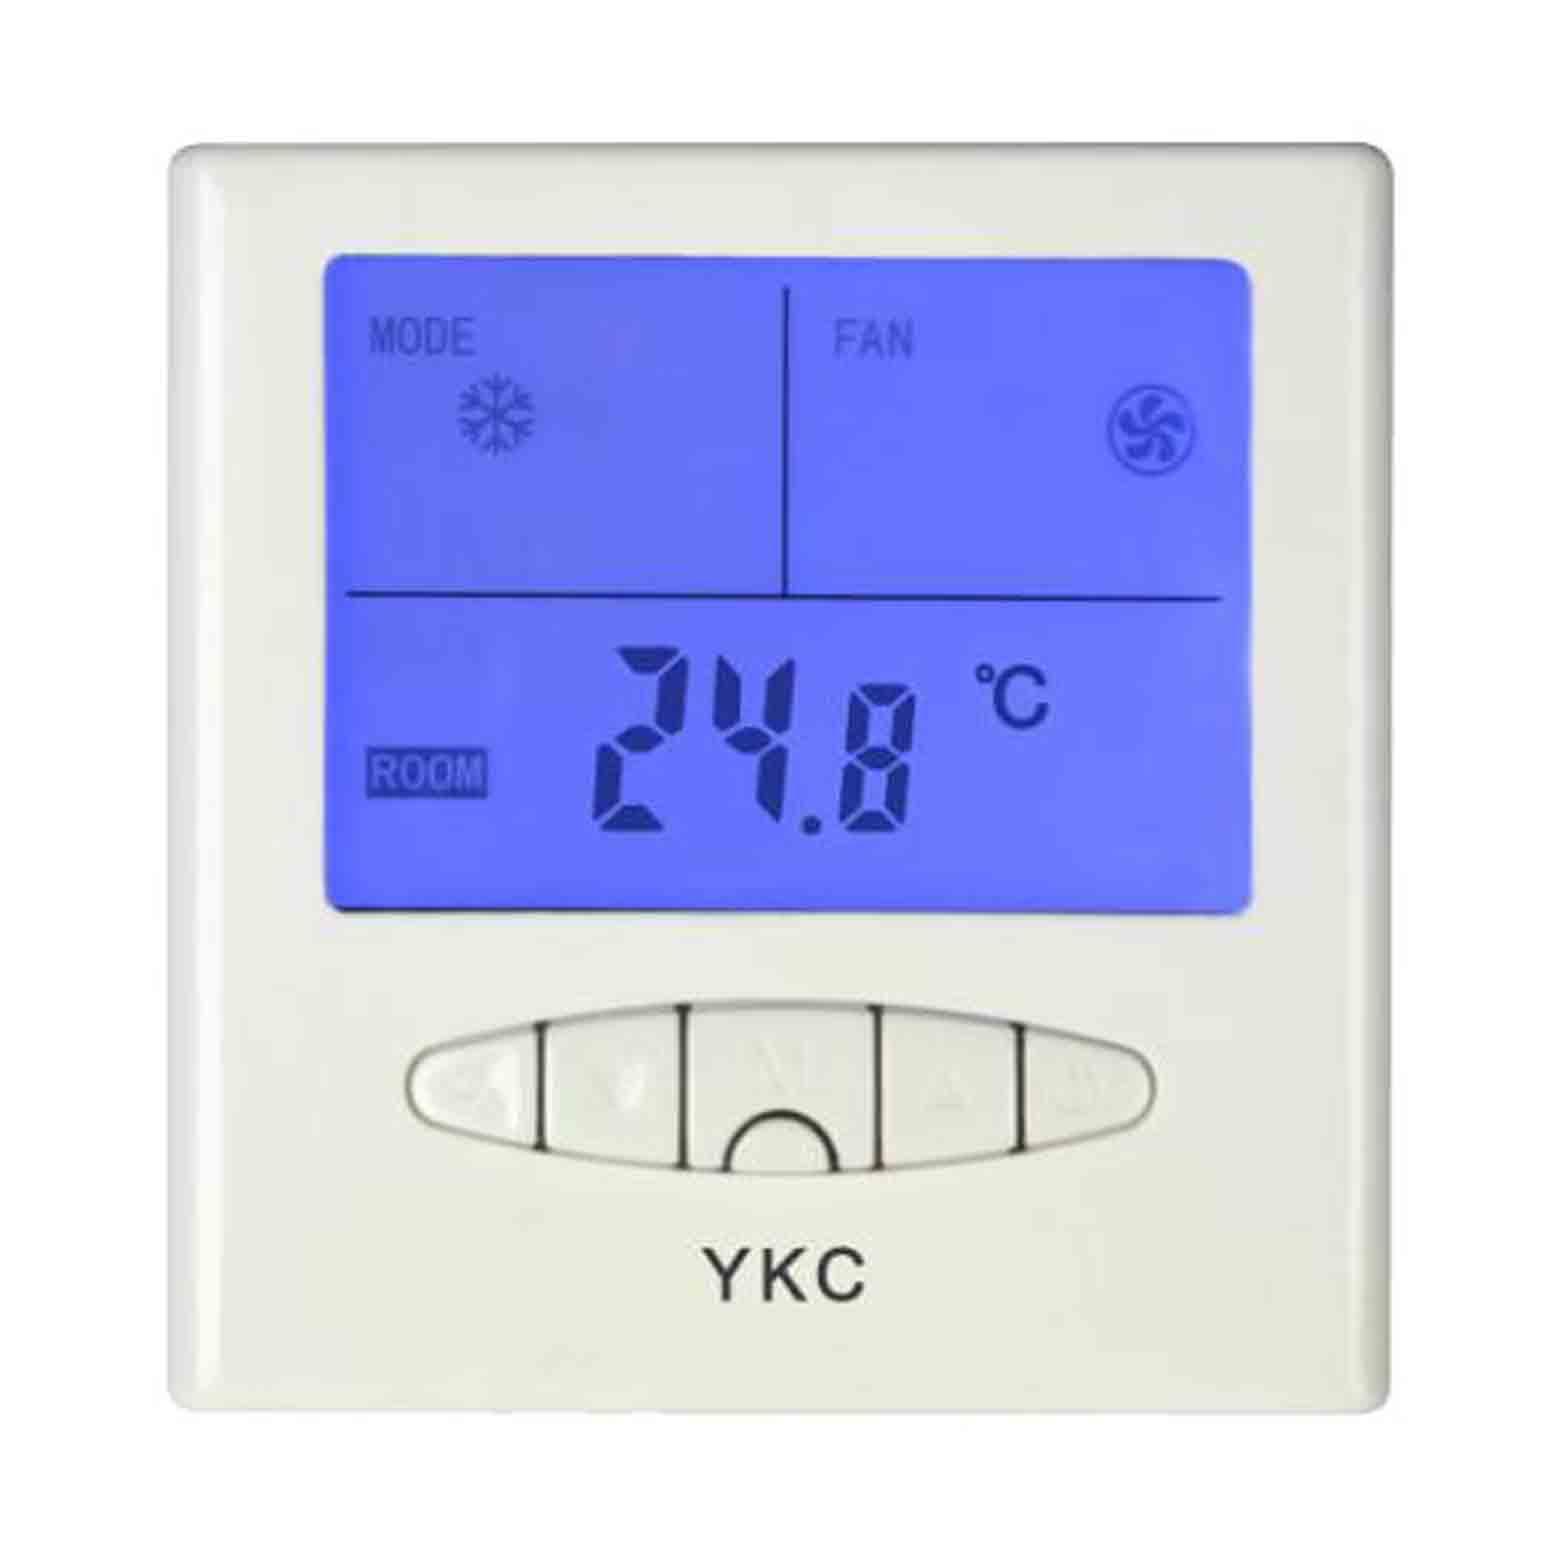 303液晶空調溫控器